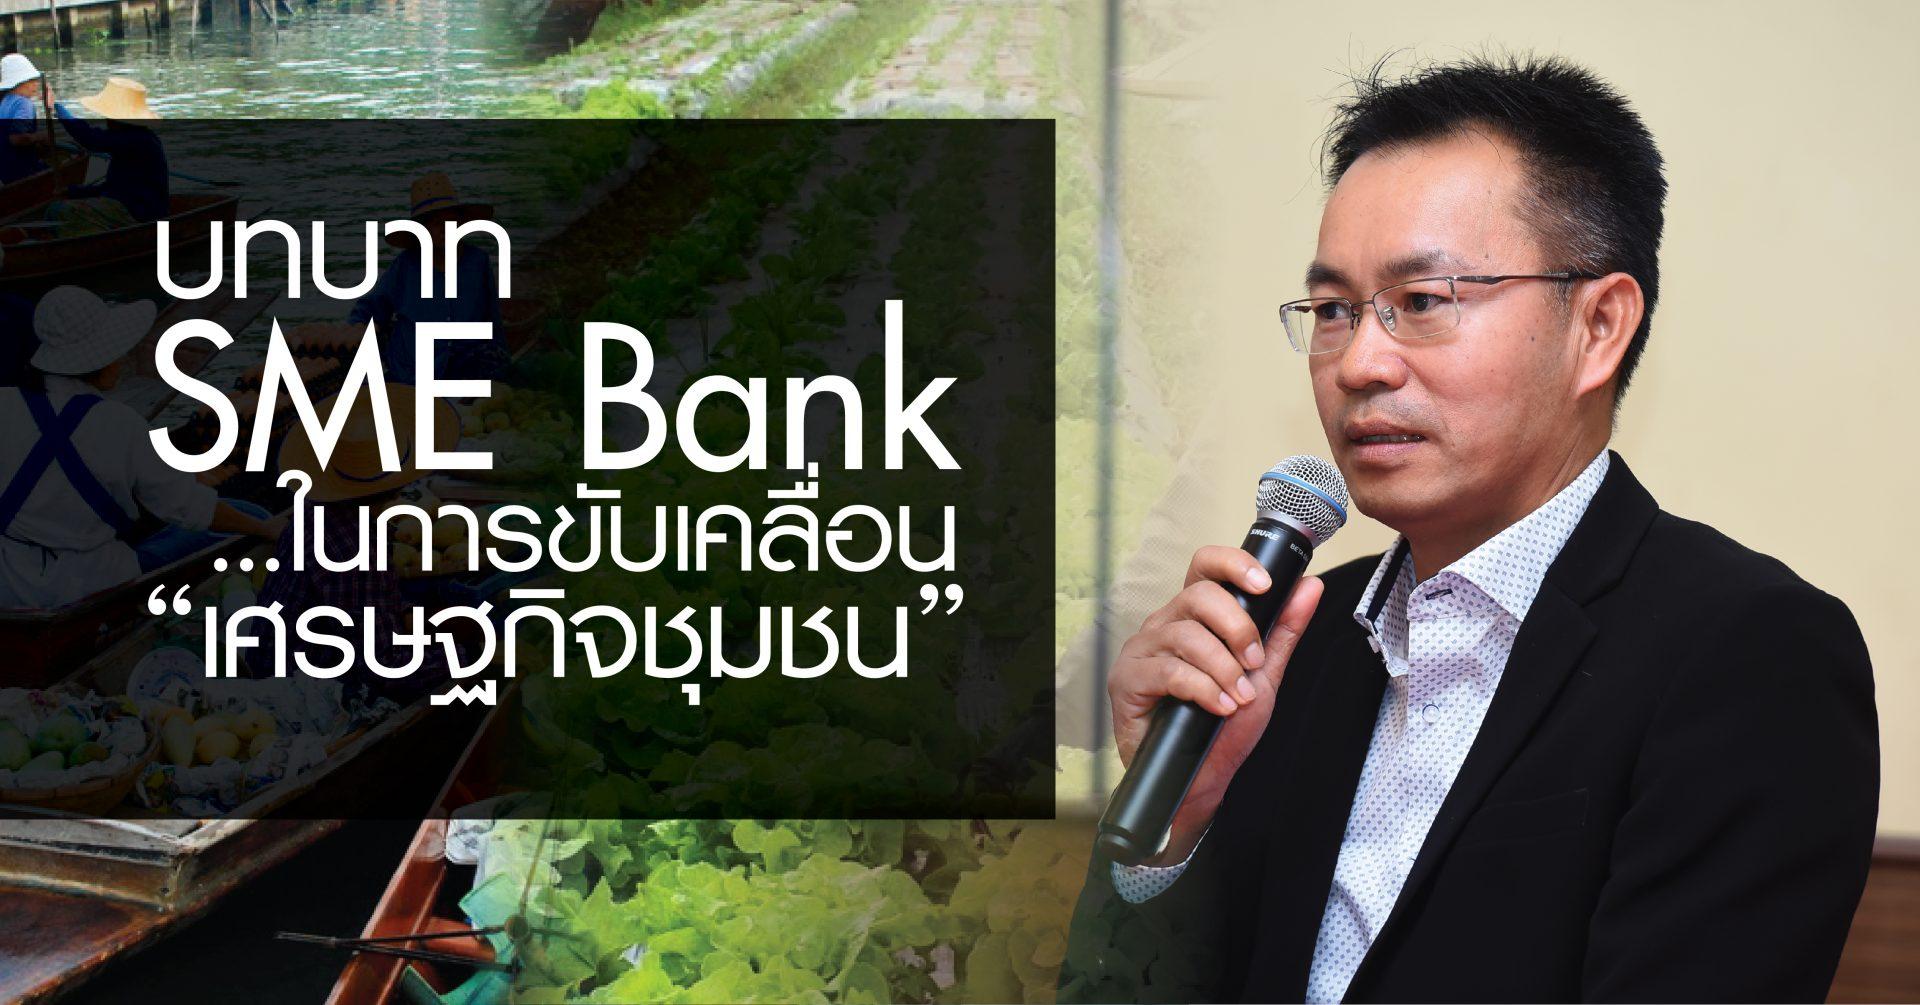 """บทบาท """"SME Bank""""…ในการขับเคลื่อน """"เศรษฐกิจชุมชน"""""""